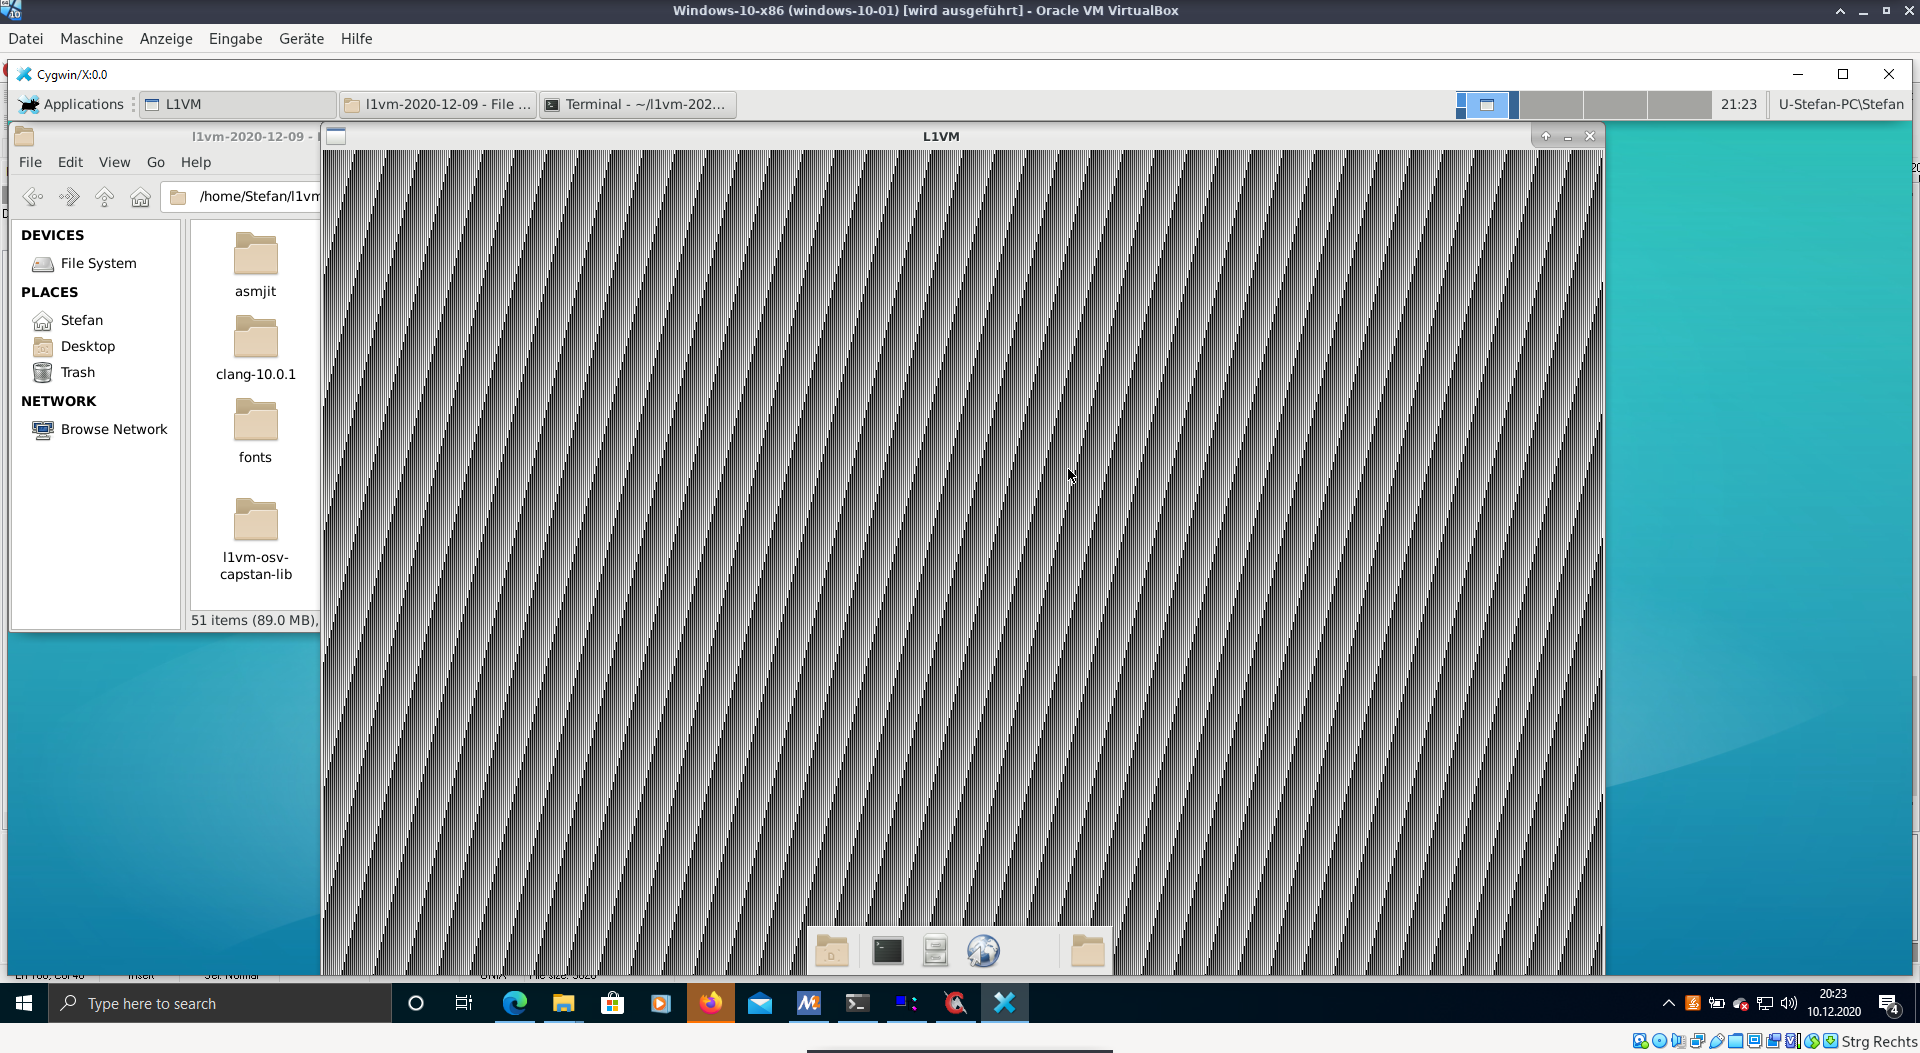 L1VM Windows Cygwin screenshot